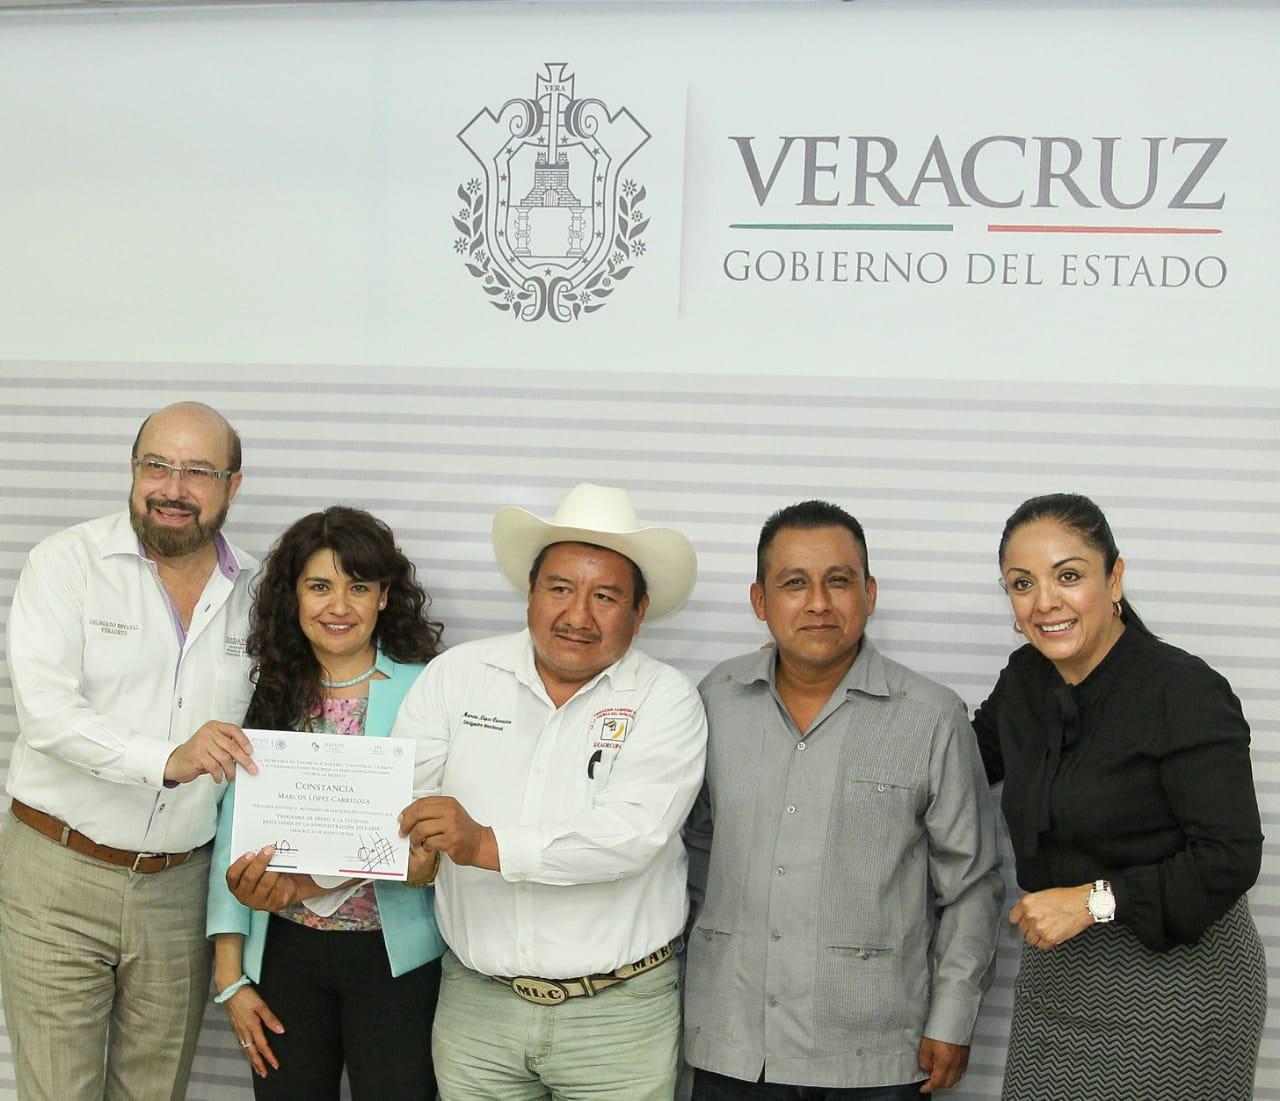 Entrega de reconocimientos a participantes en Veracruz.